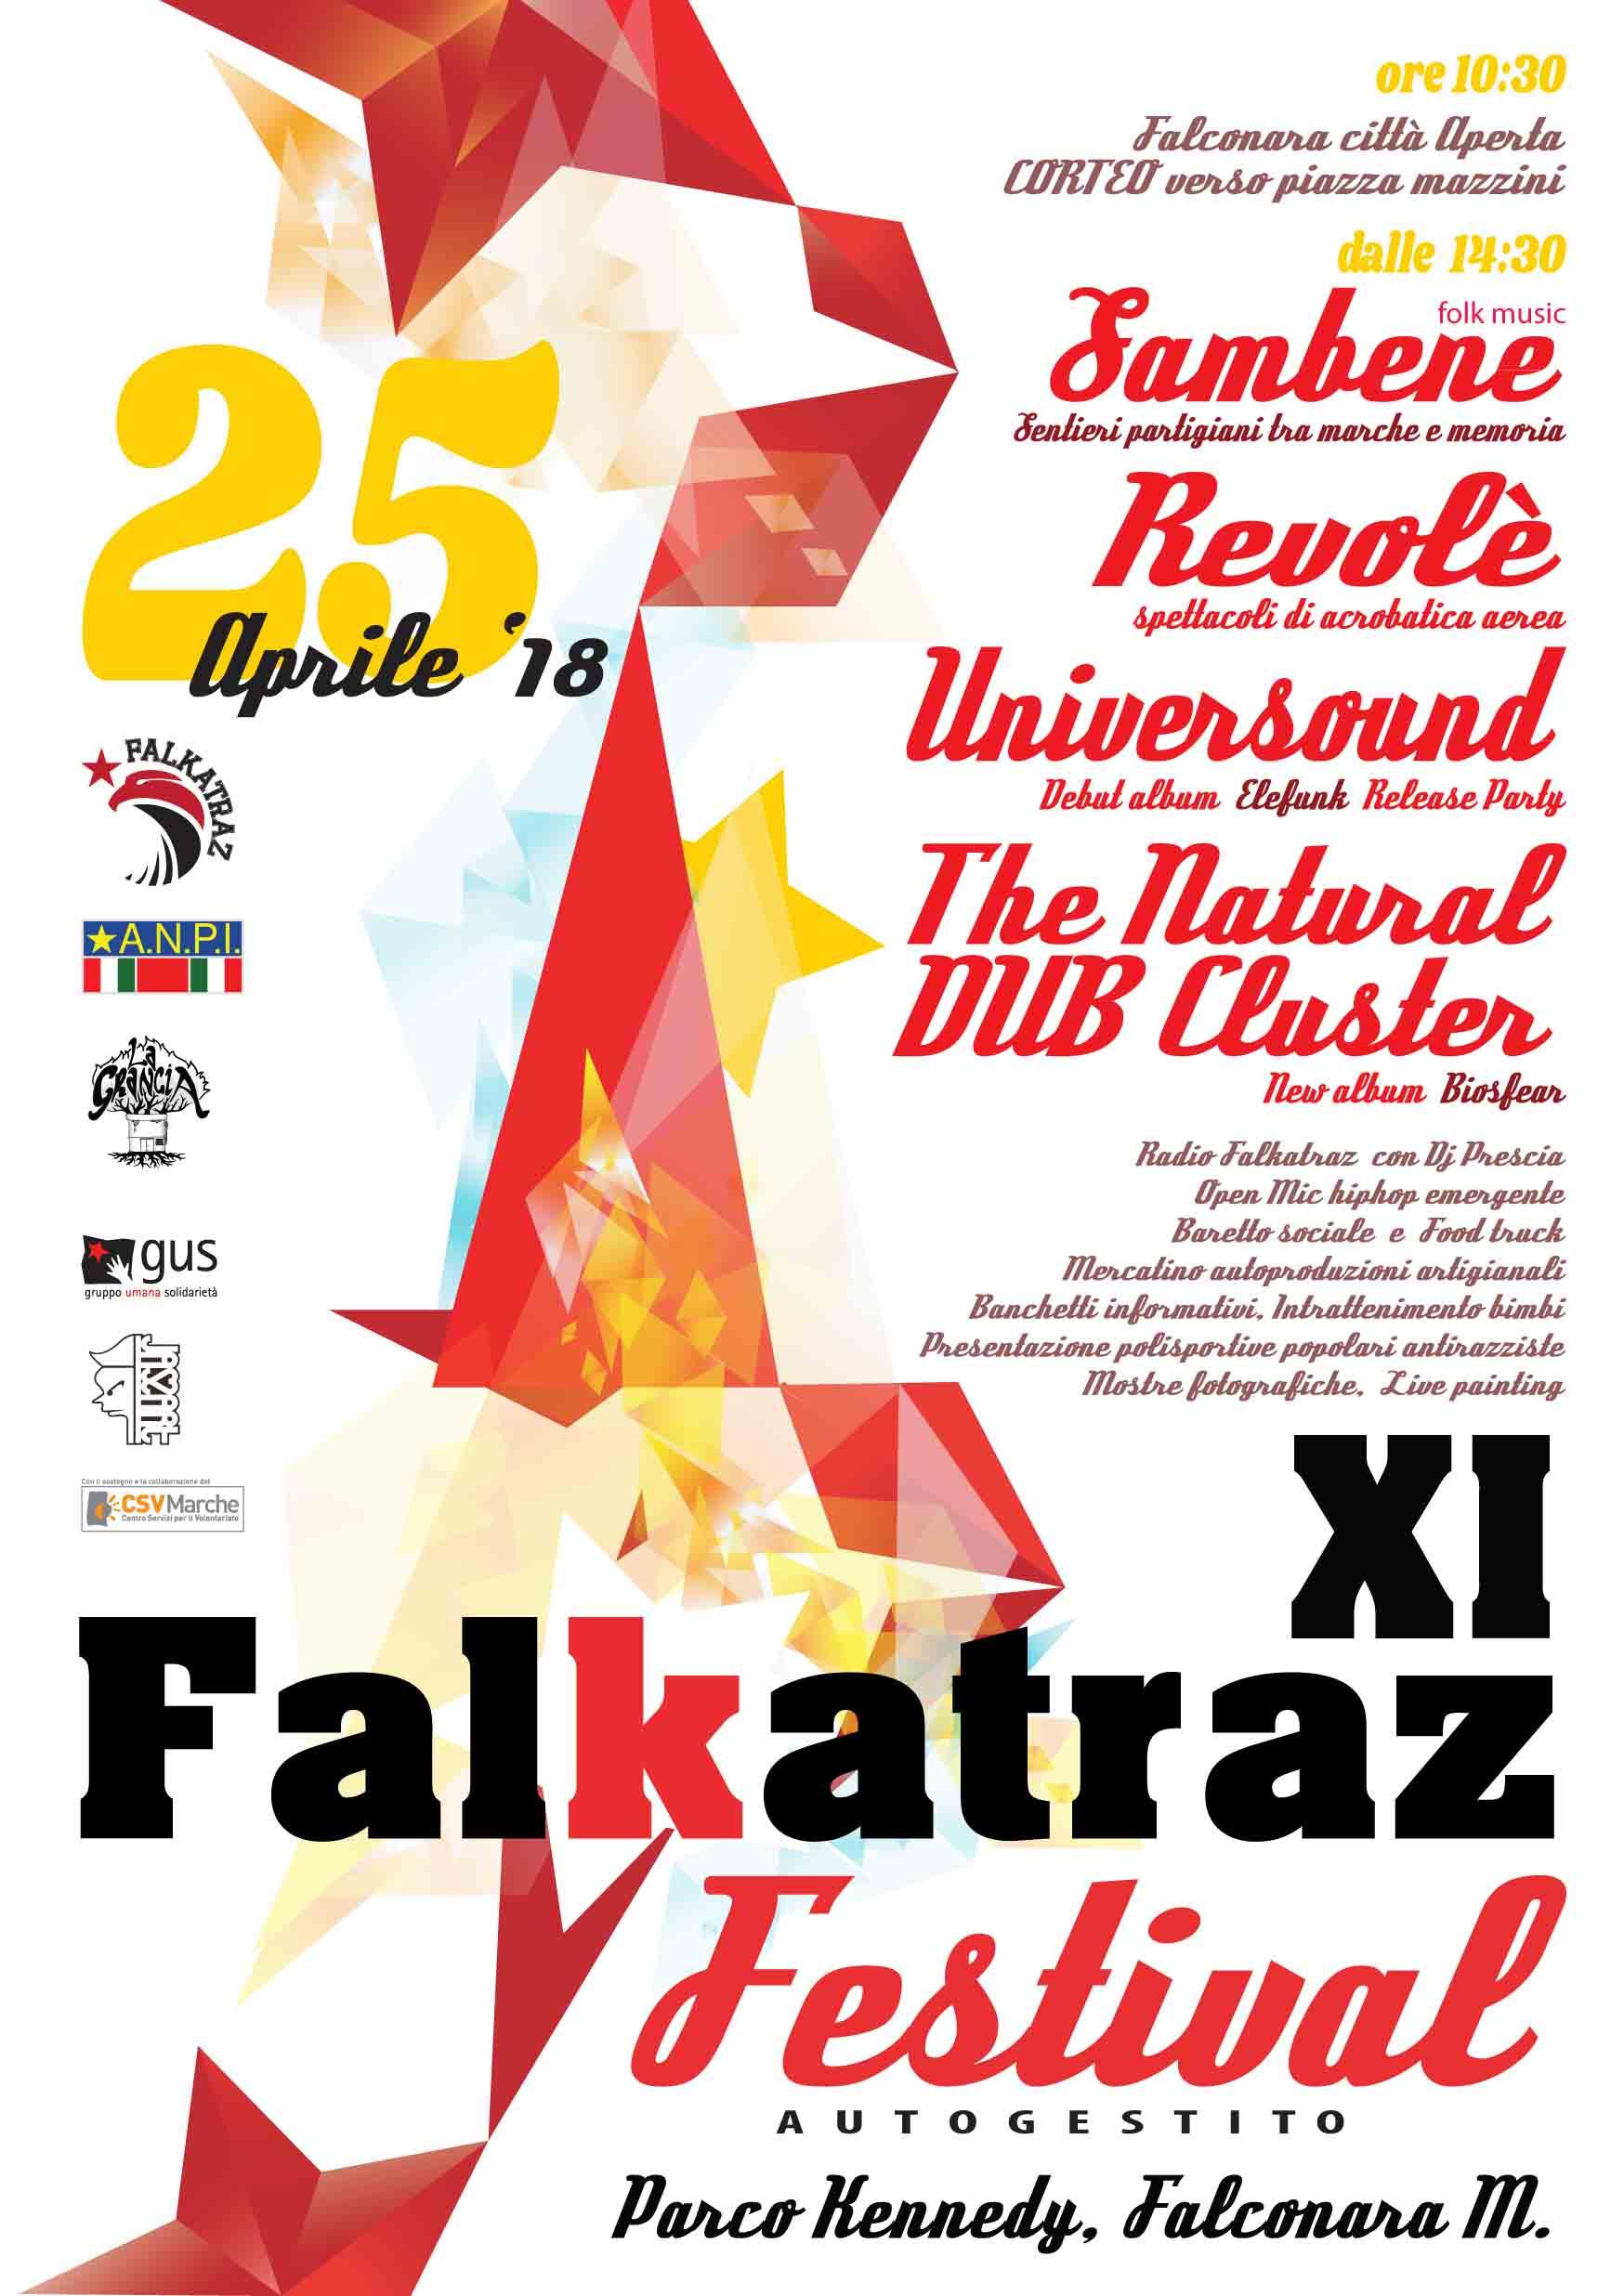 # FALKATRAZ FESTIVAL XI EDIZIONE 25APRILE2018 AL PARCO KENNEDY